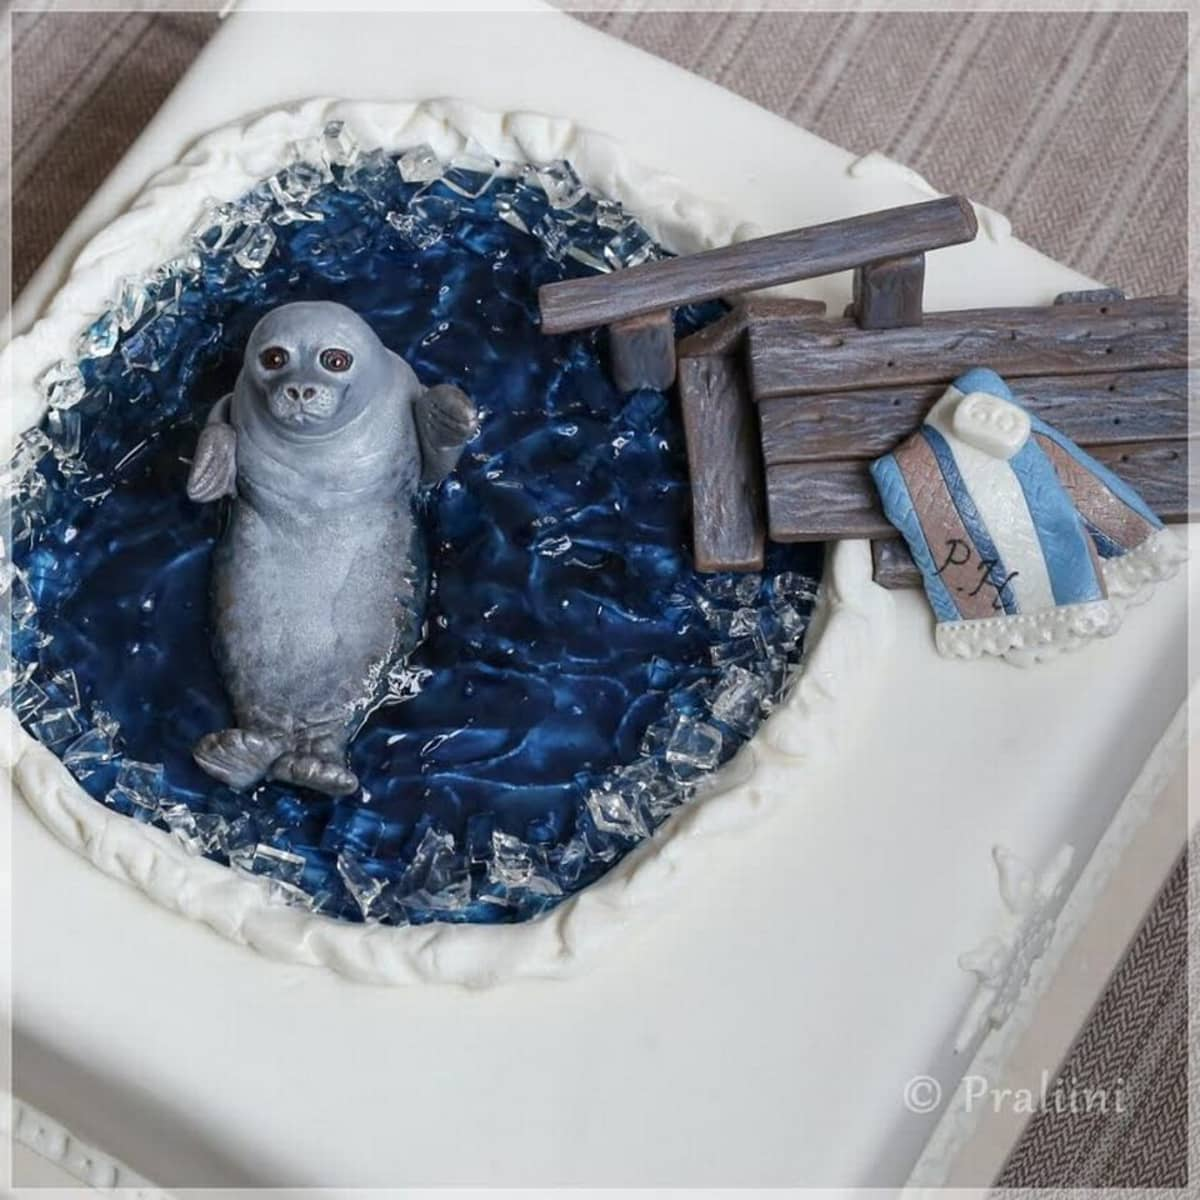 Saija Turusen Praliinin koristelema kakku.